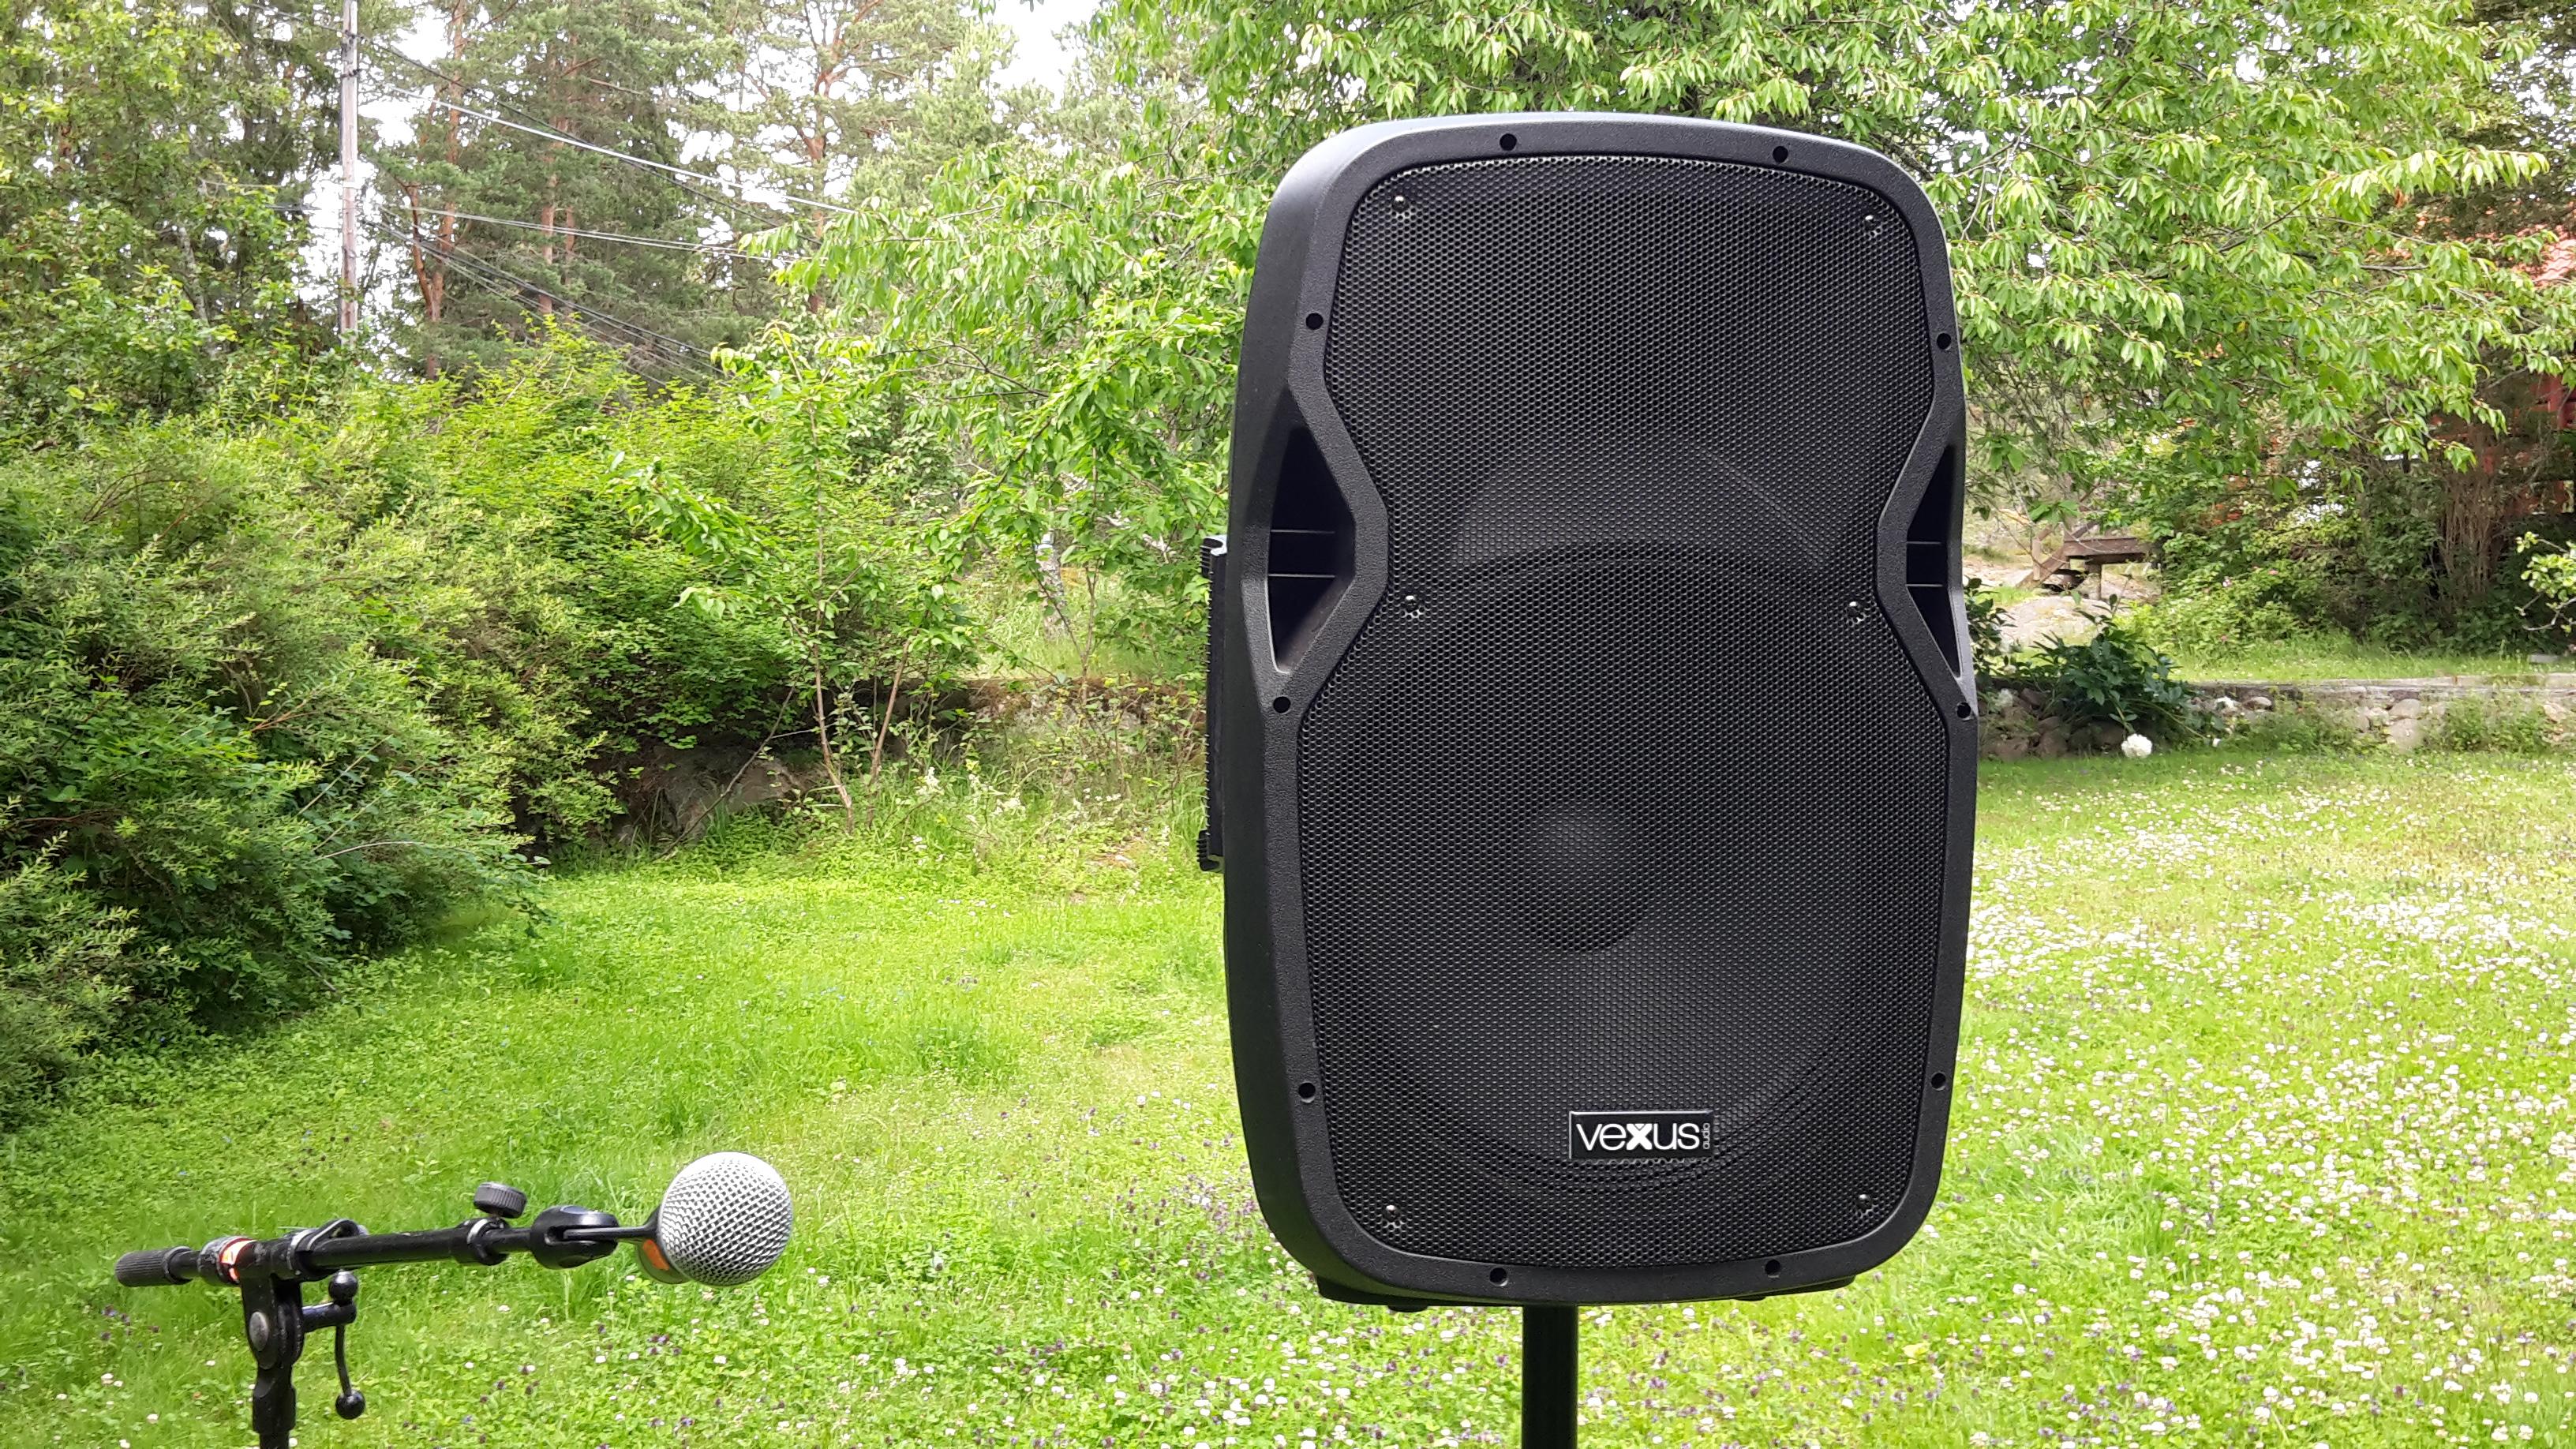 Batteridriven ljudanläggning med trådlös mikrofon - Hyr Ljud och ... 4696a6f6cfd39